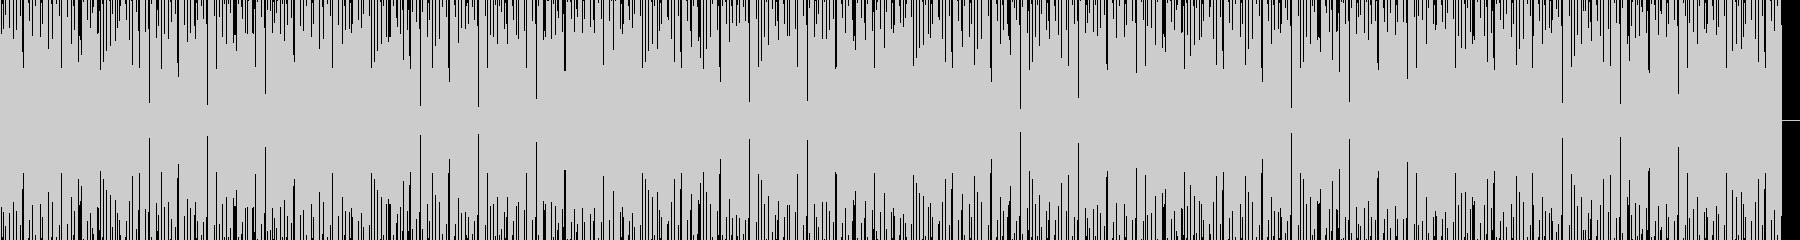 メロウヒップホップビートの未再生の波形